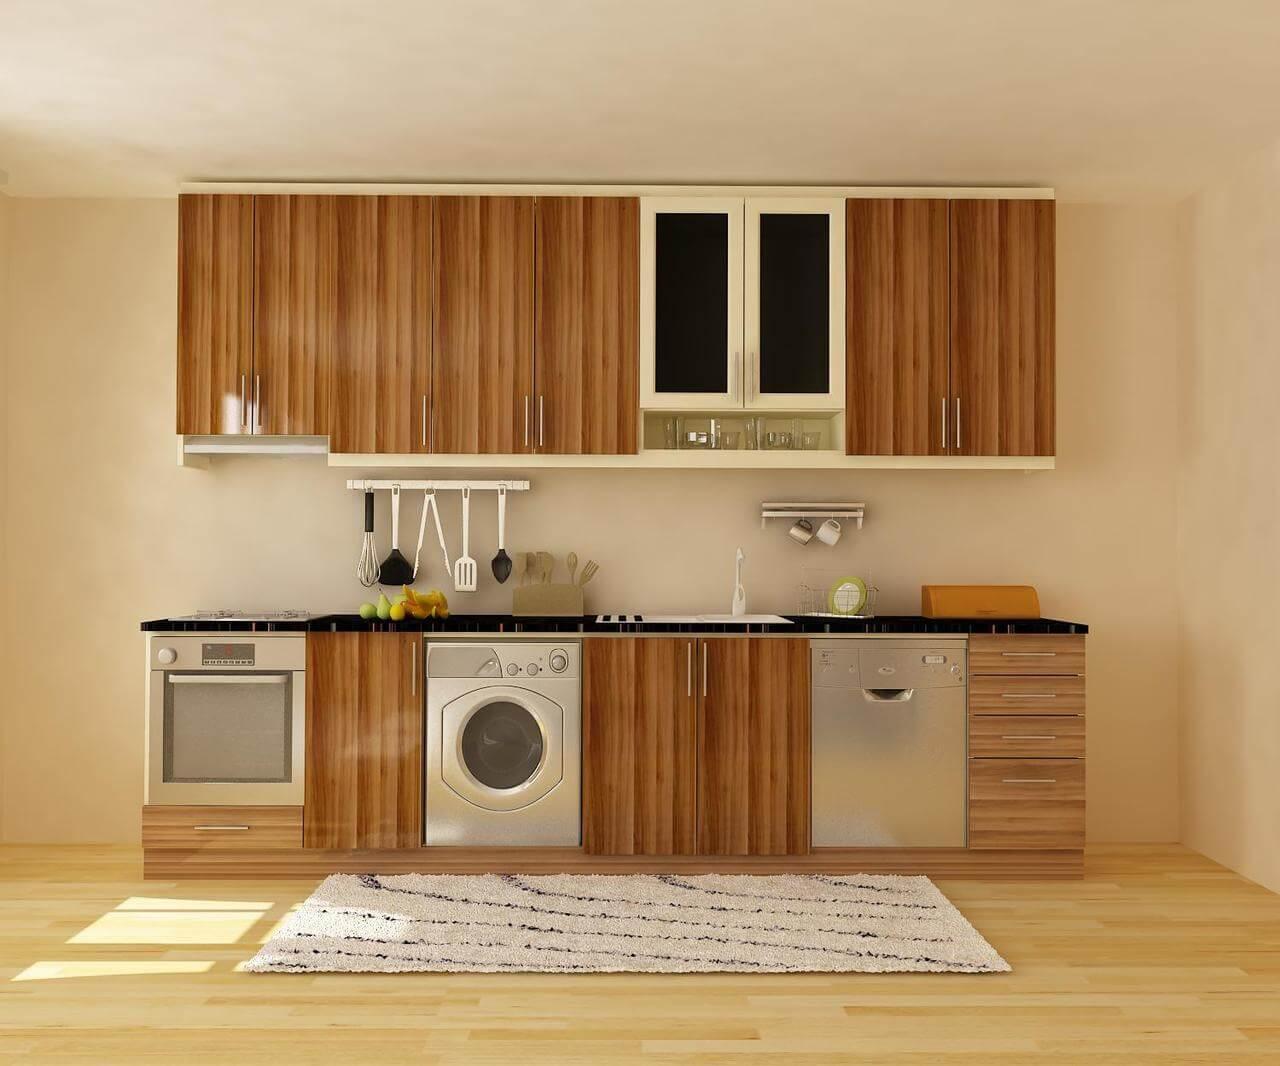 Modern mutfak dolaplari tasarimlari mutfakdolaplarimodelleri - Ah Ap Mutfak Dolap Modelleri Bu Konuda Fazlas Yla E It Bulundurmaktad R Ah Ap Kendi Ba Na Farkl Desen Ve Renklere Sahiptir